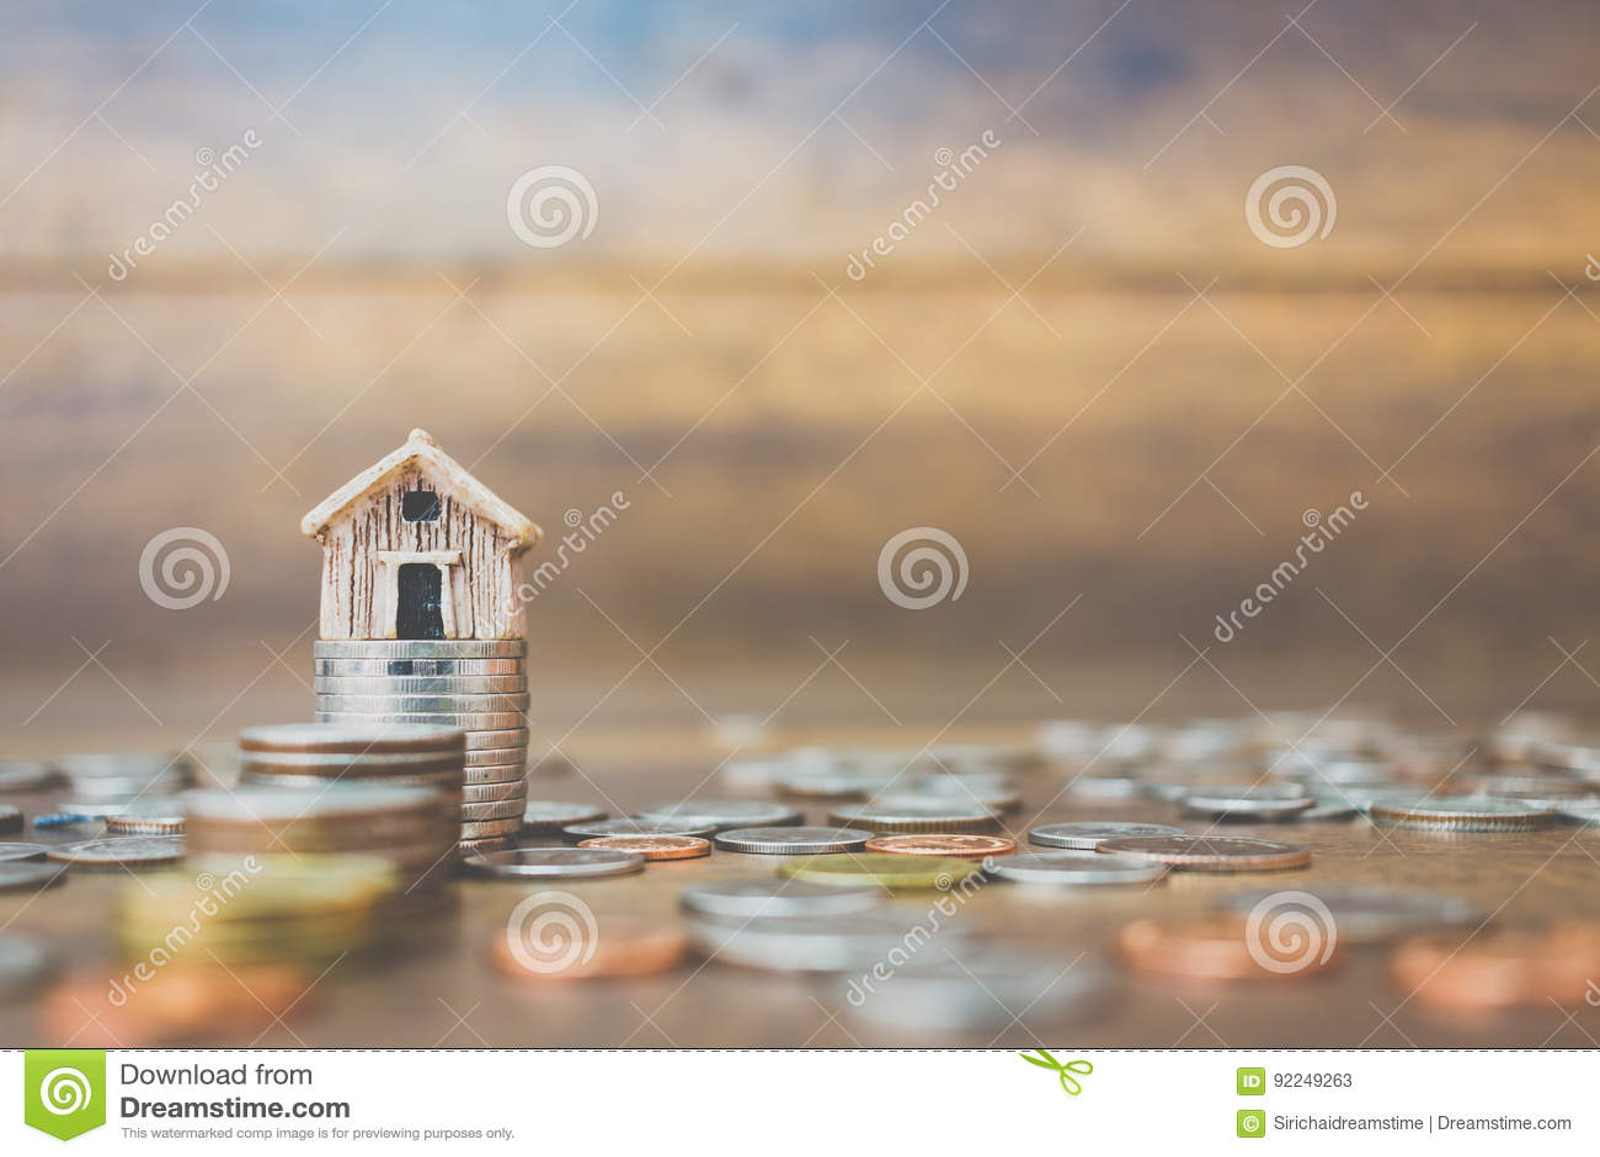 铸造在木背景的金钱和房子模型